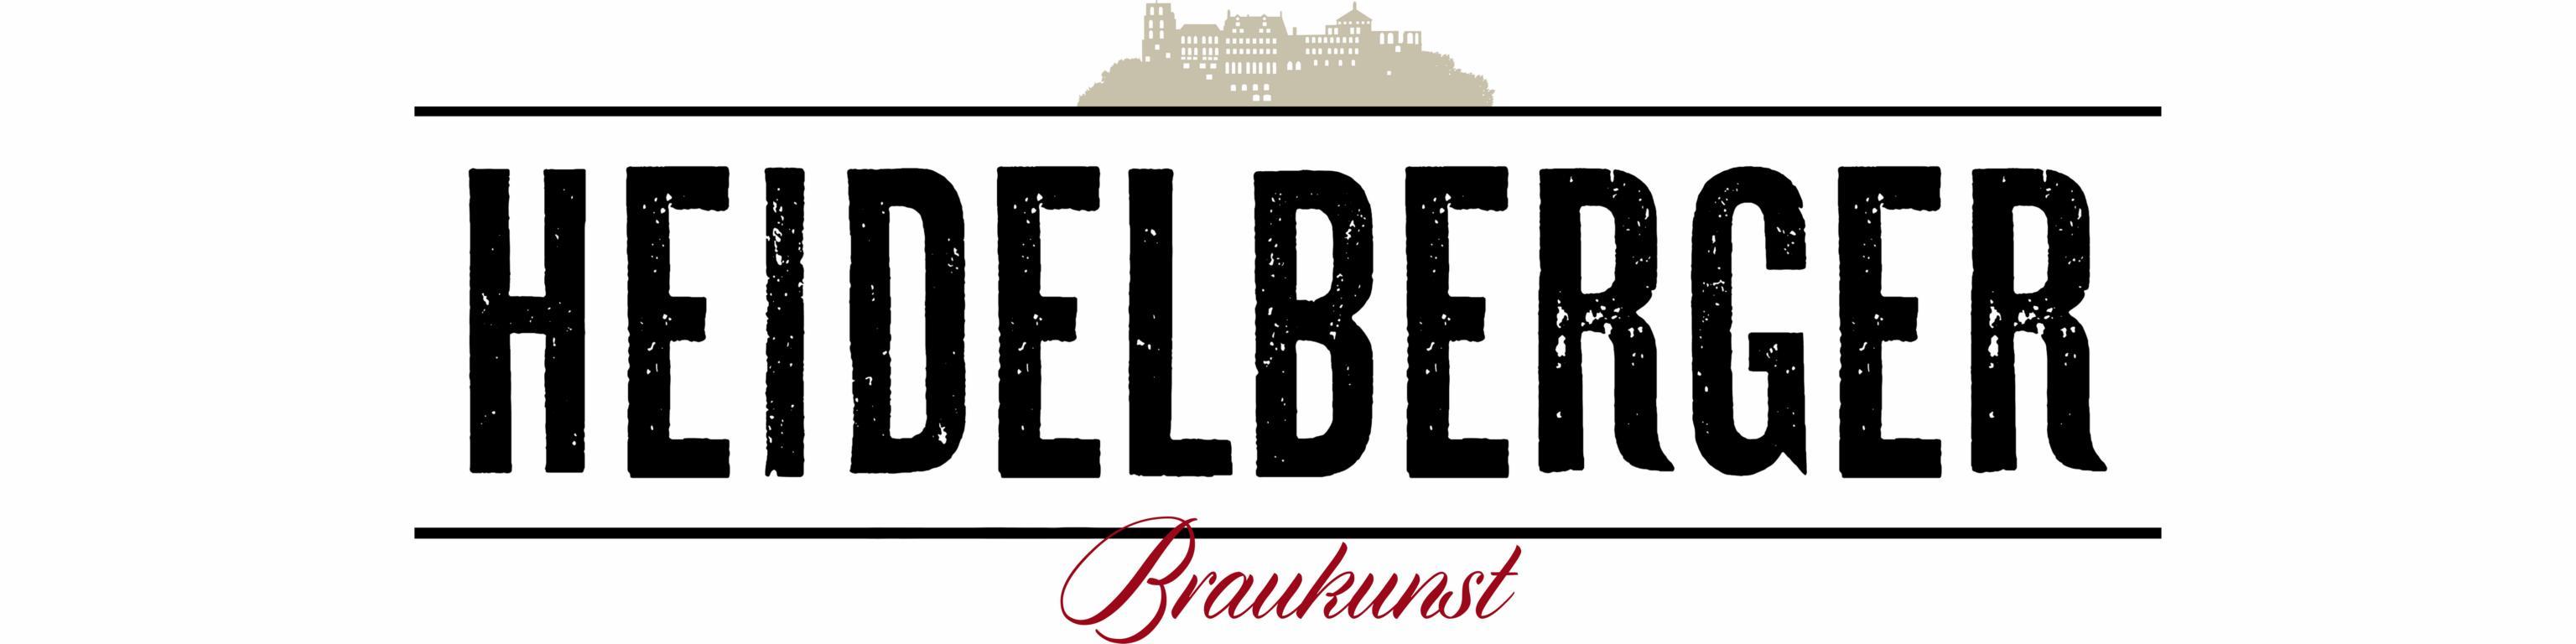 Heidelberger Brauerei